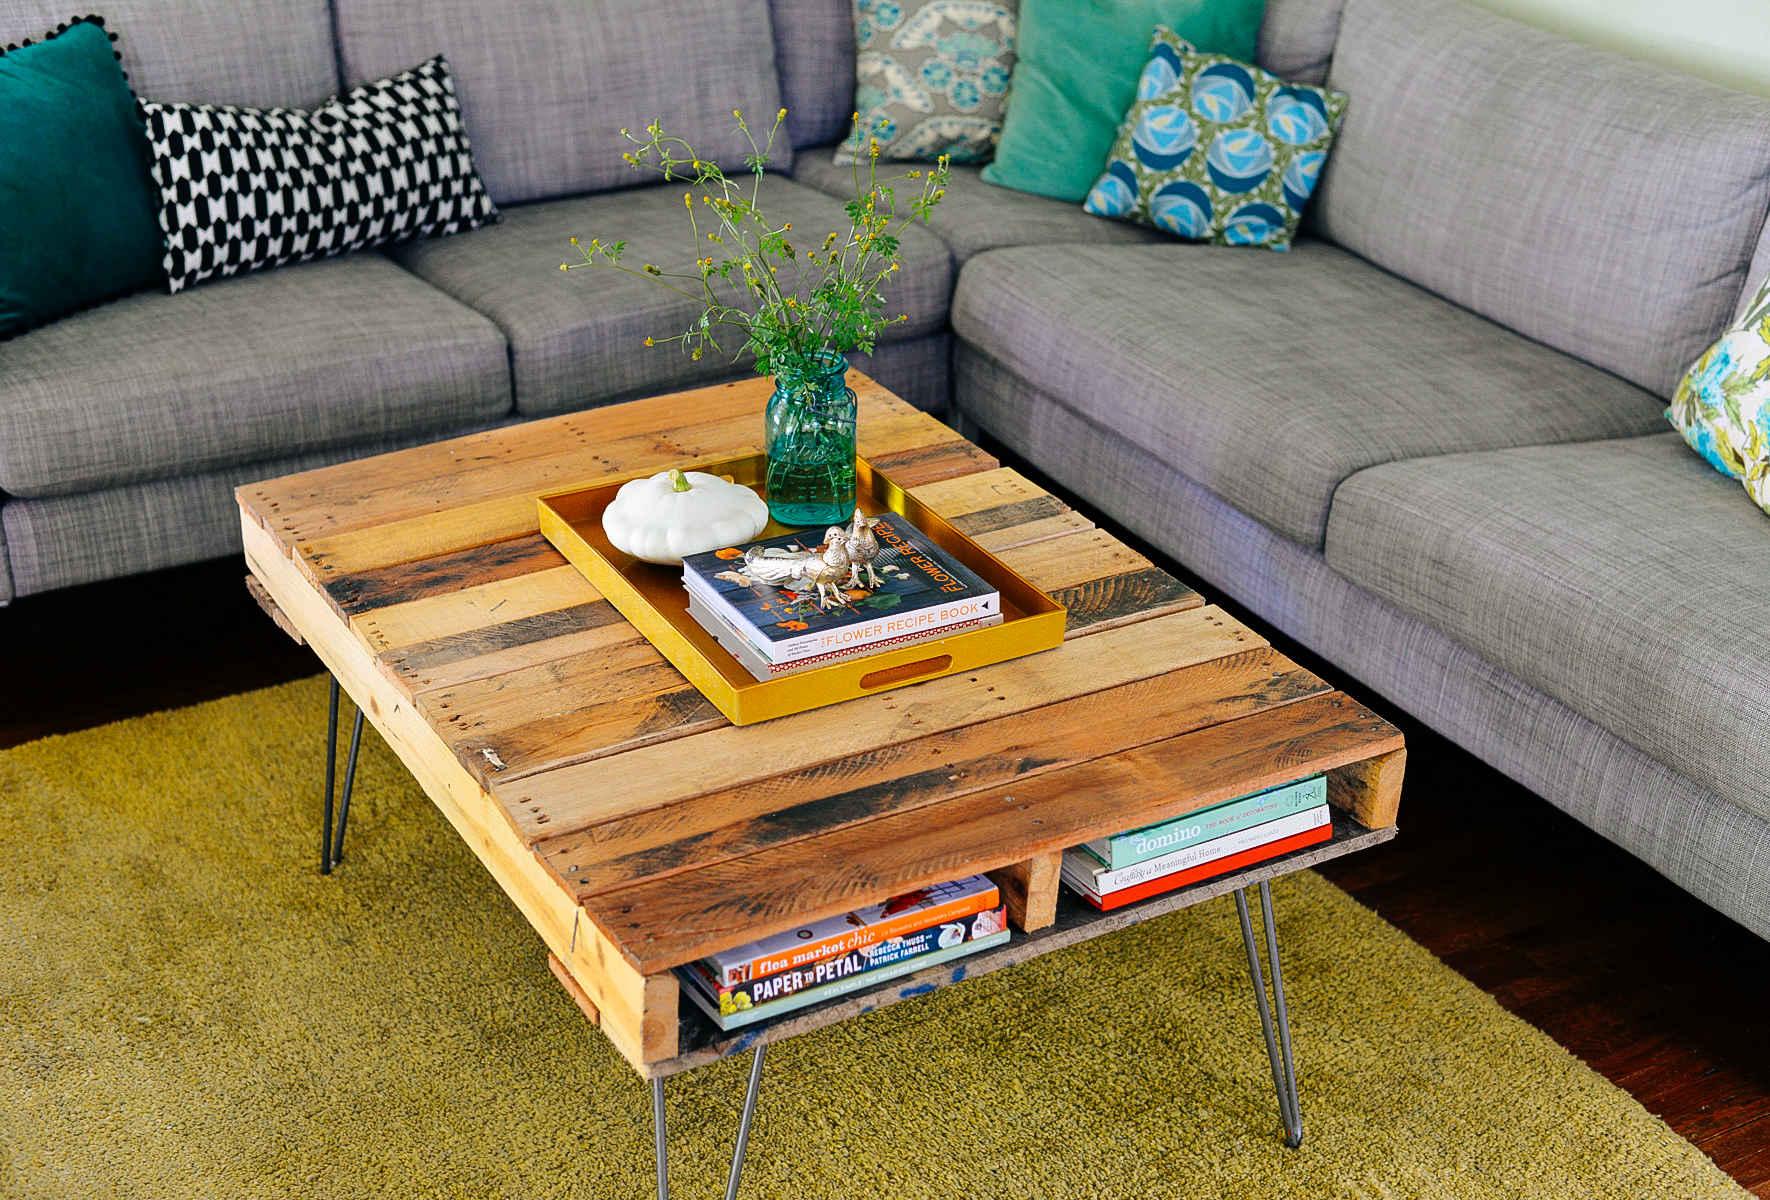 Dekorasi ruang tamu dengan meja ala jepun dari kayu pallet